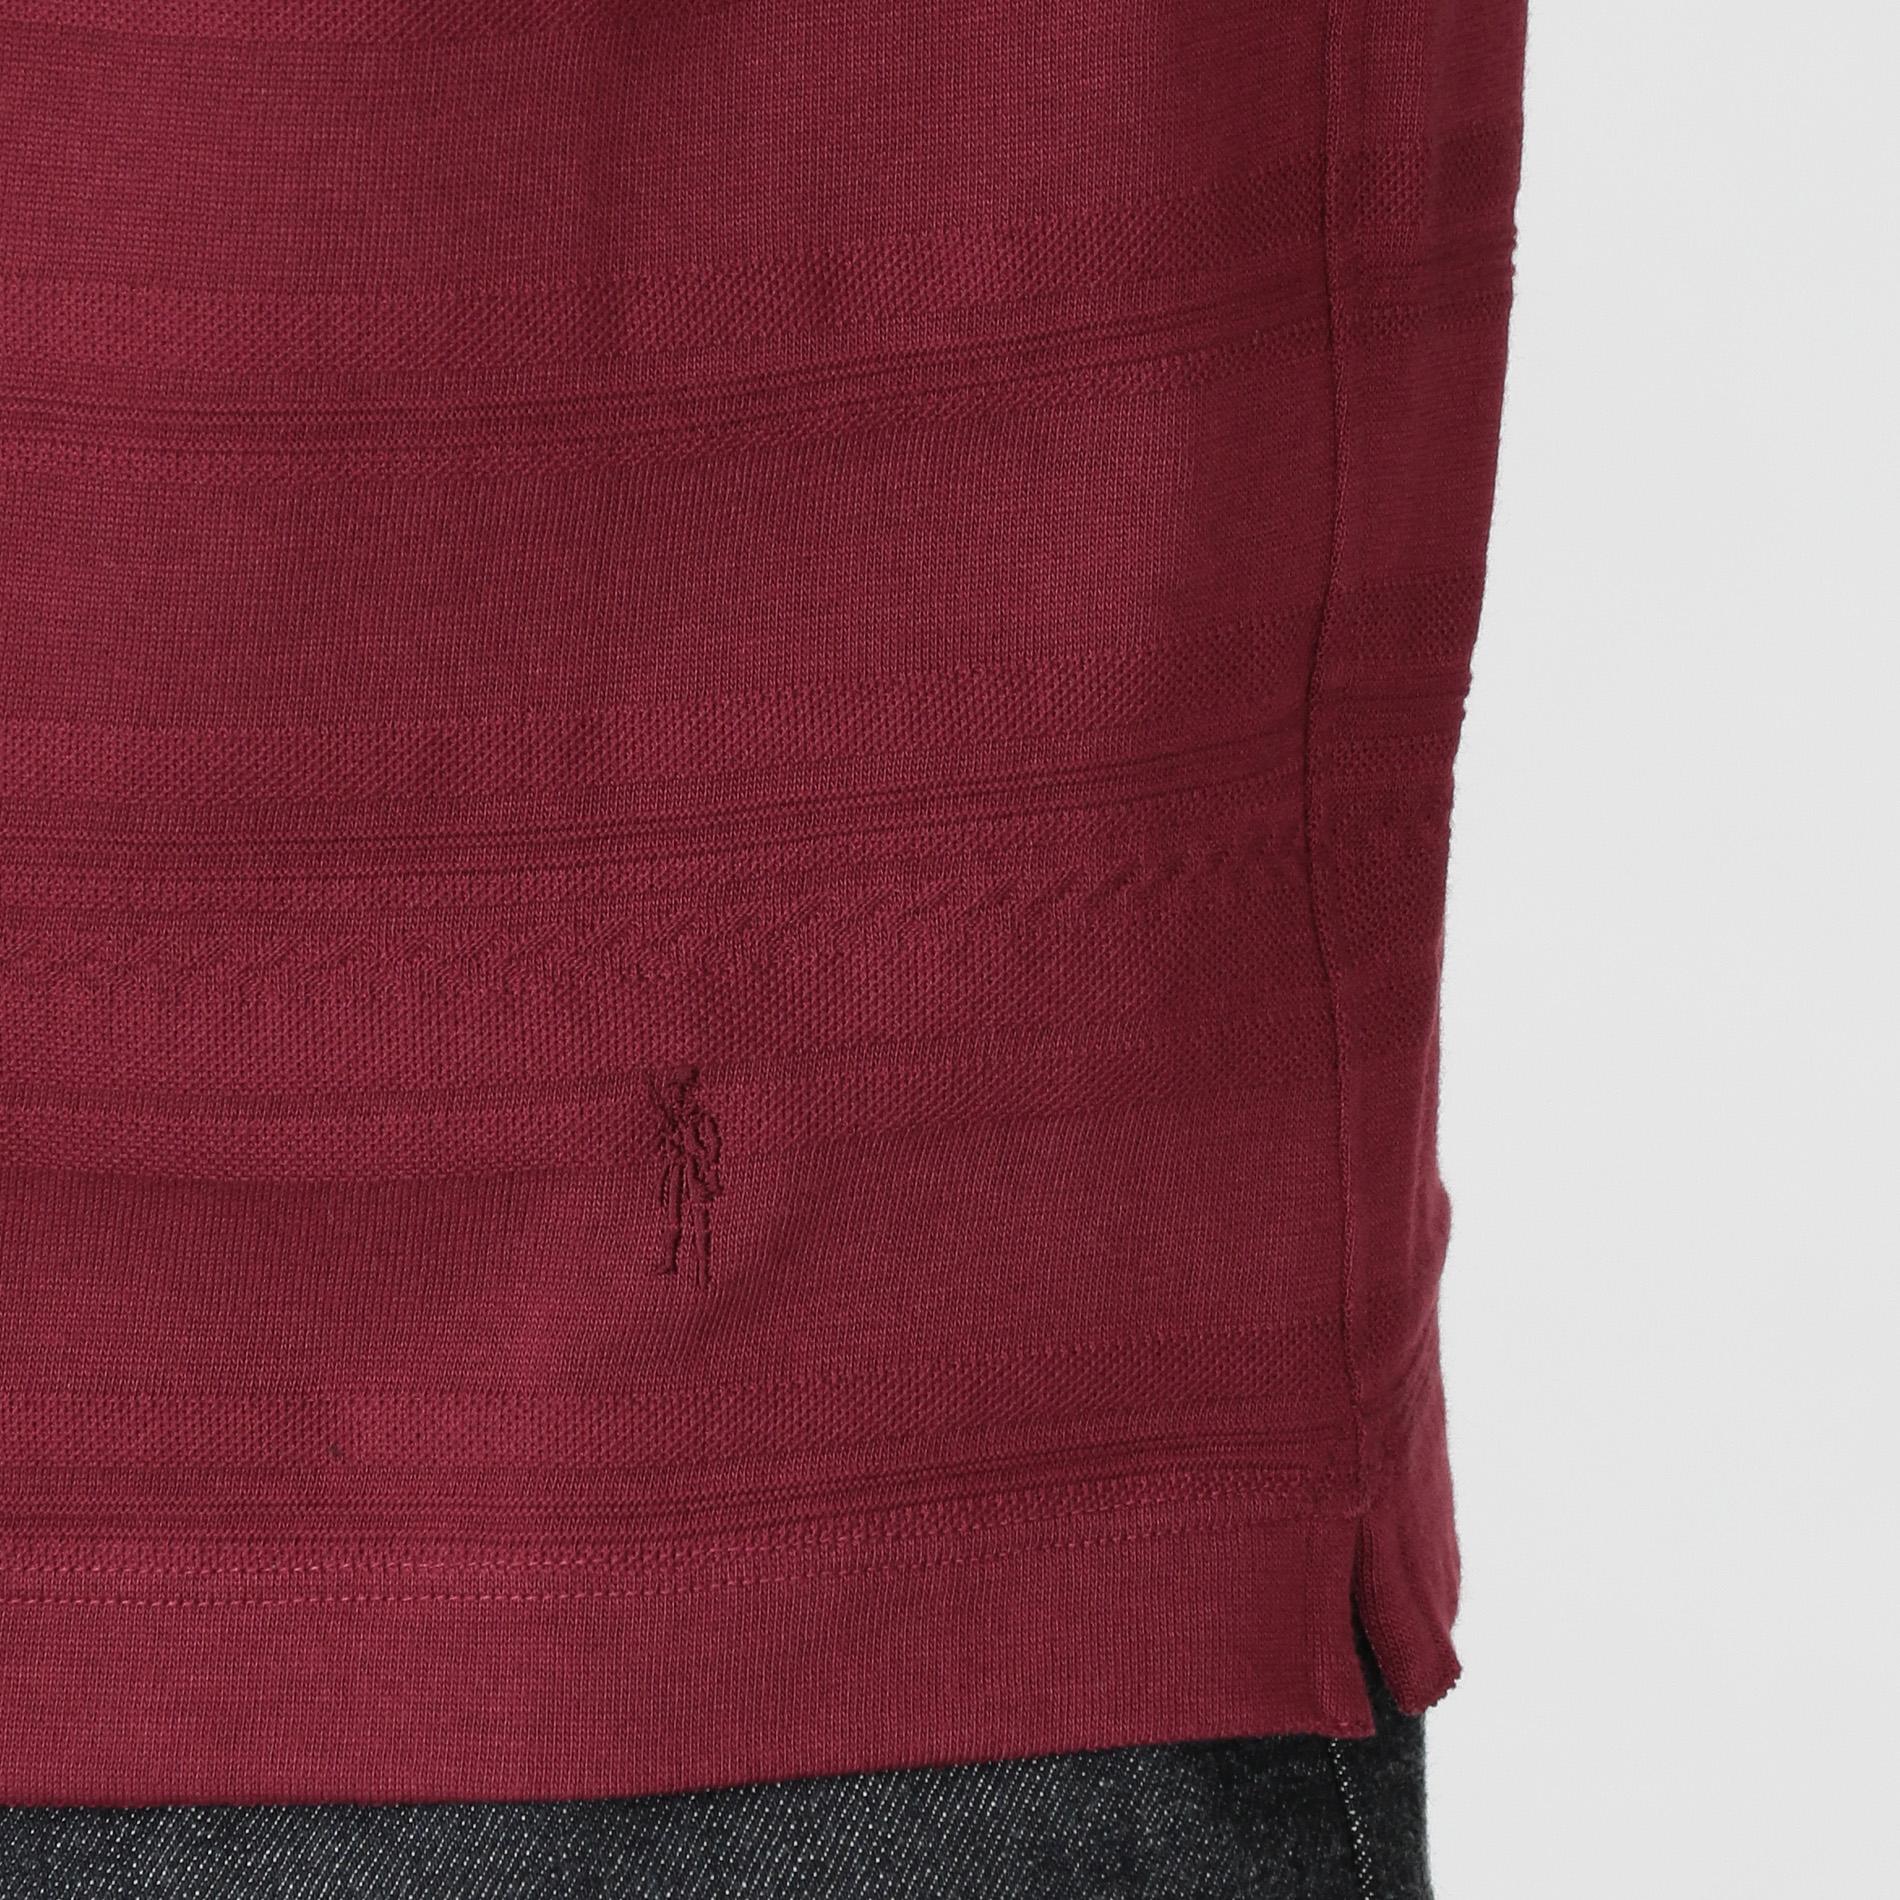 リンクスボーダーロングTシャツ